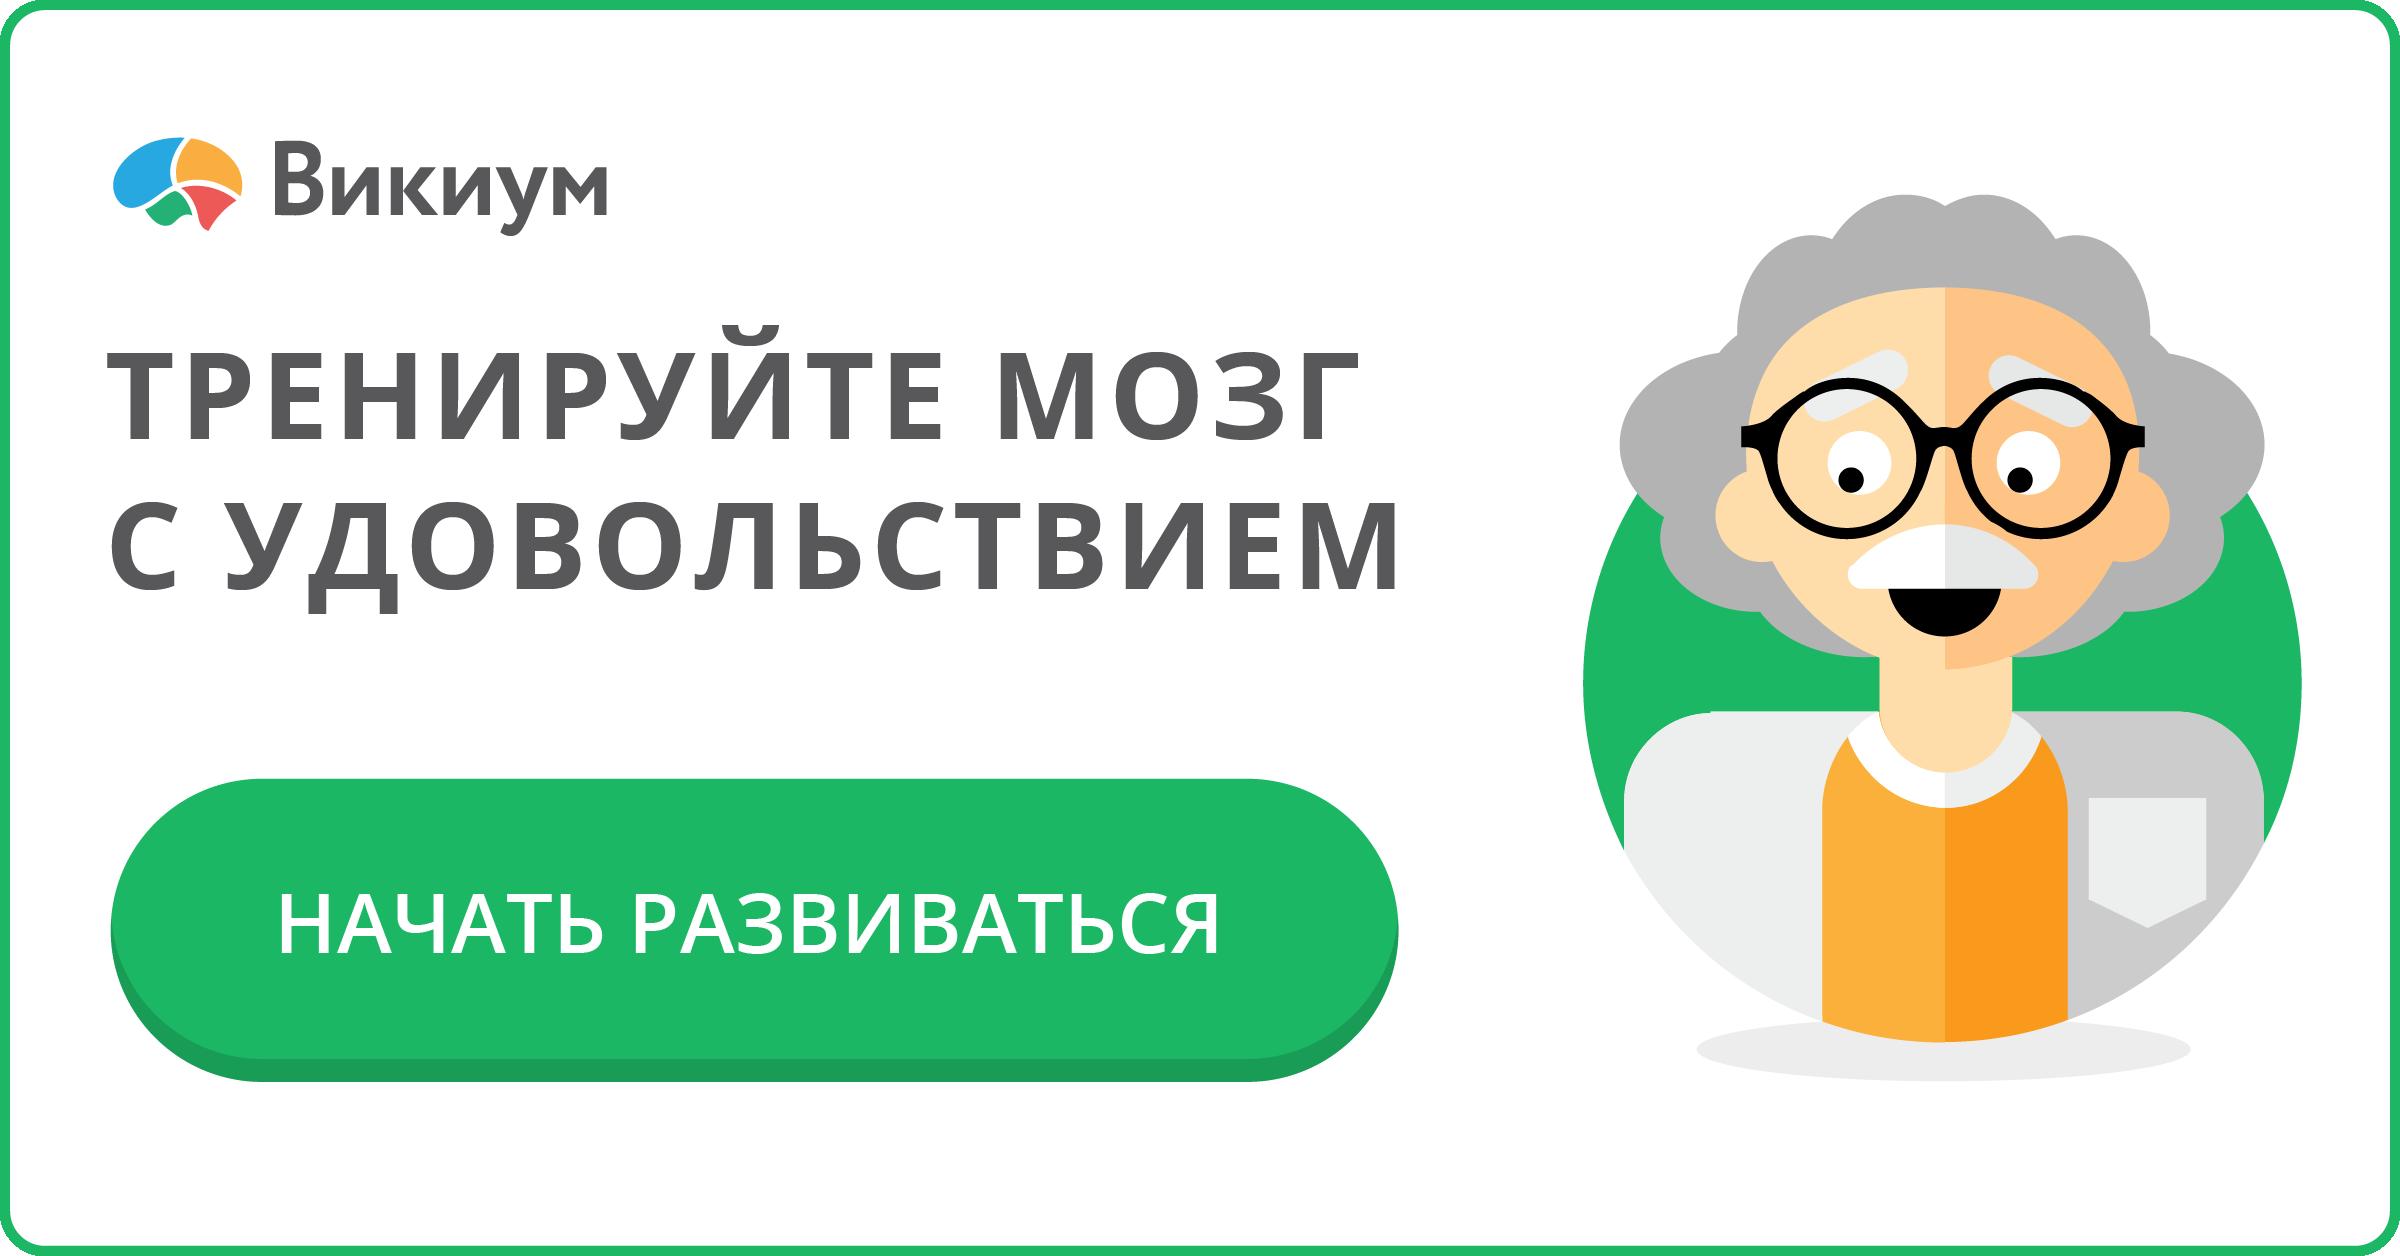 Онлайн тренажер для мозга Викиум